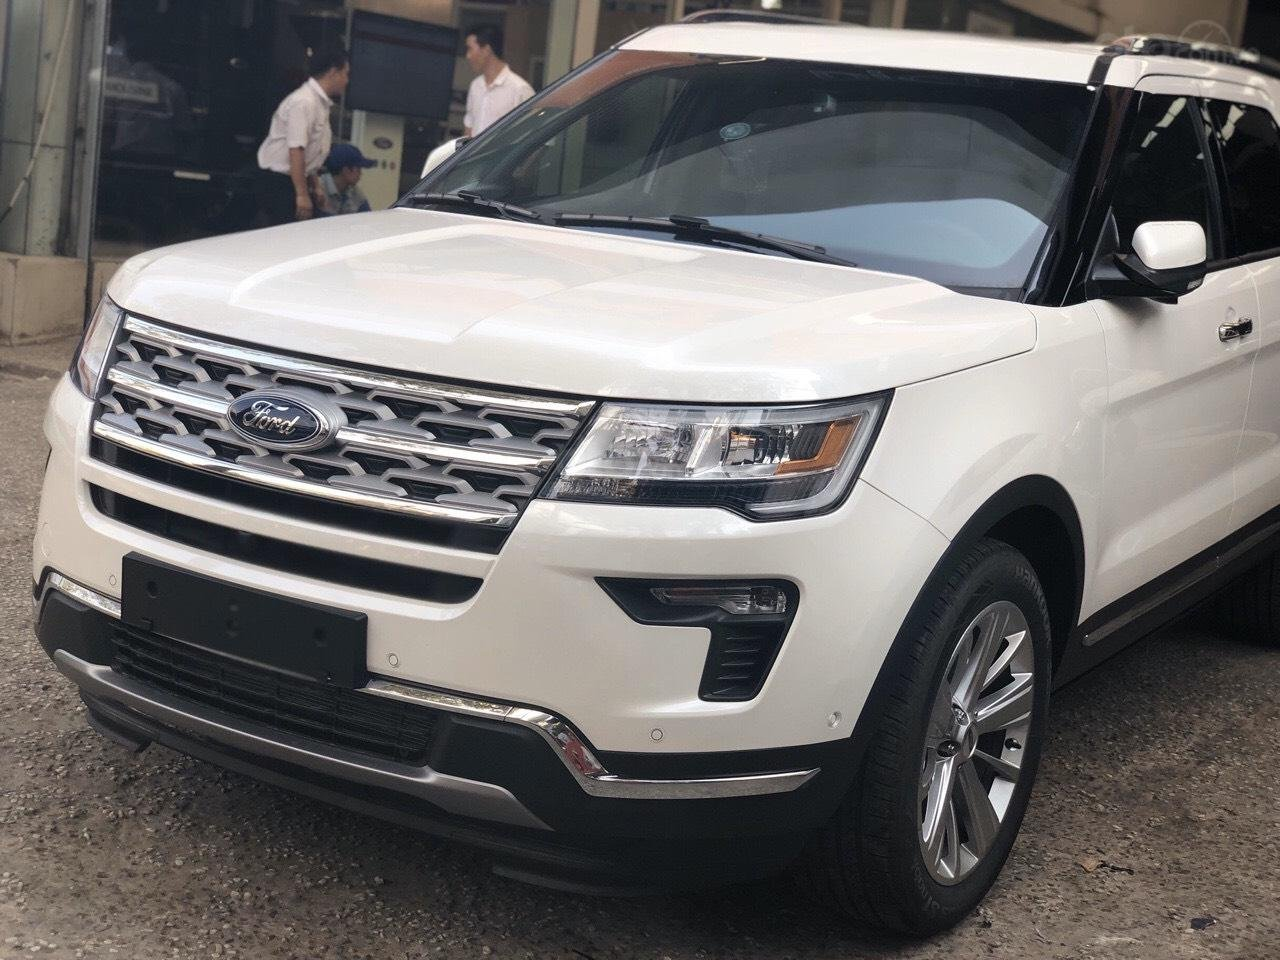 Ford Explorer 2019 nhập khẩu giá sốc ngập tràn ưu đãi, LH: 0908812444 Ms Ngọc Anh (4)